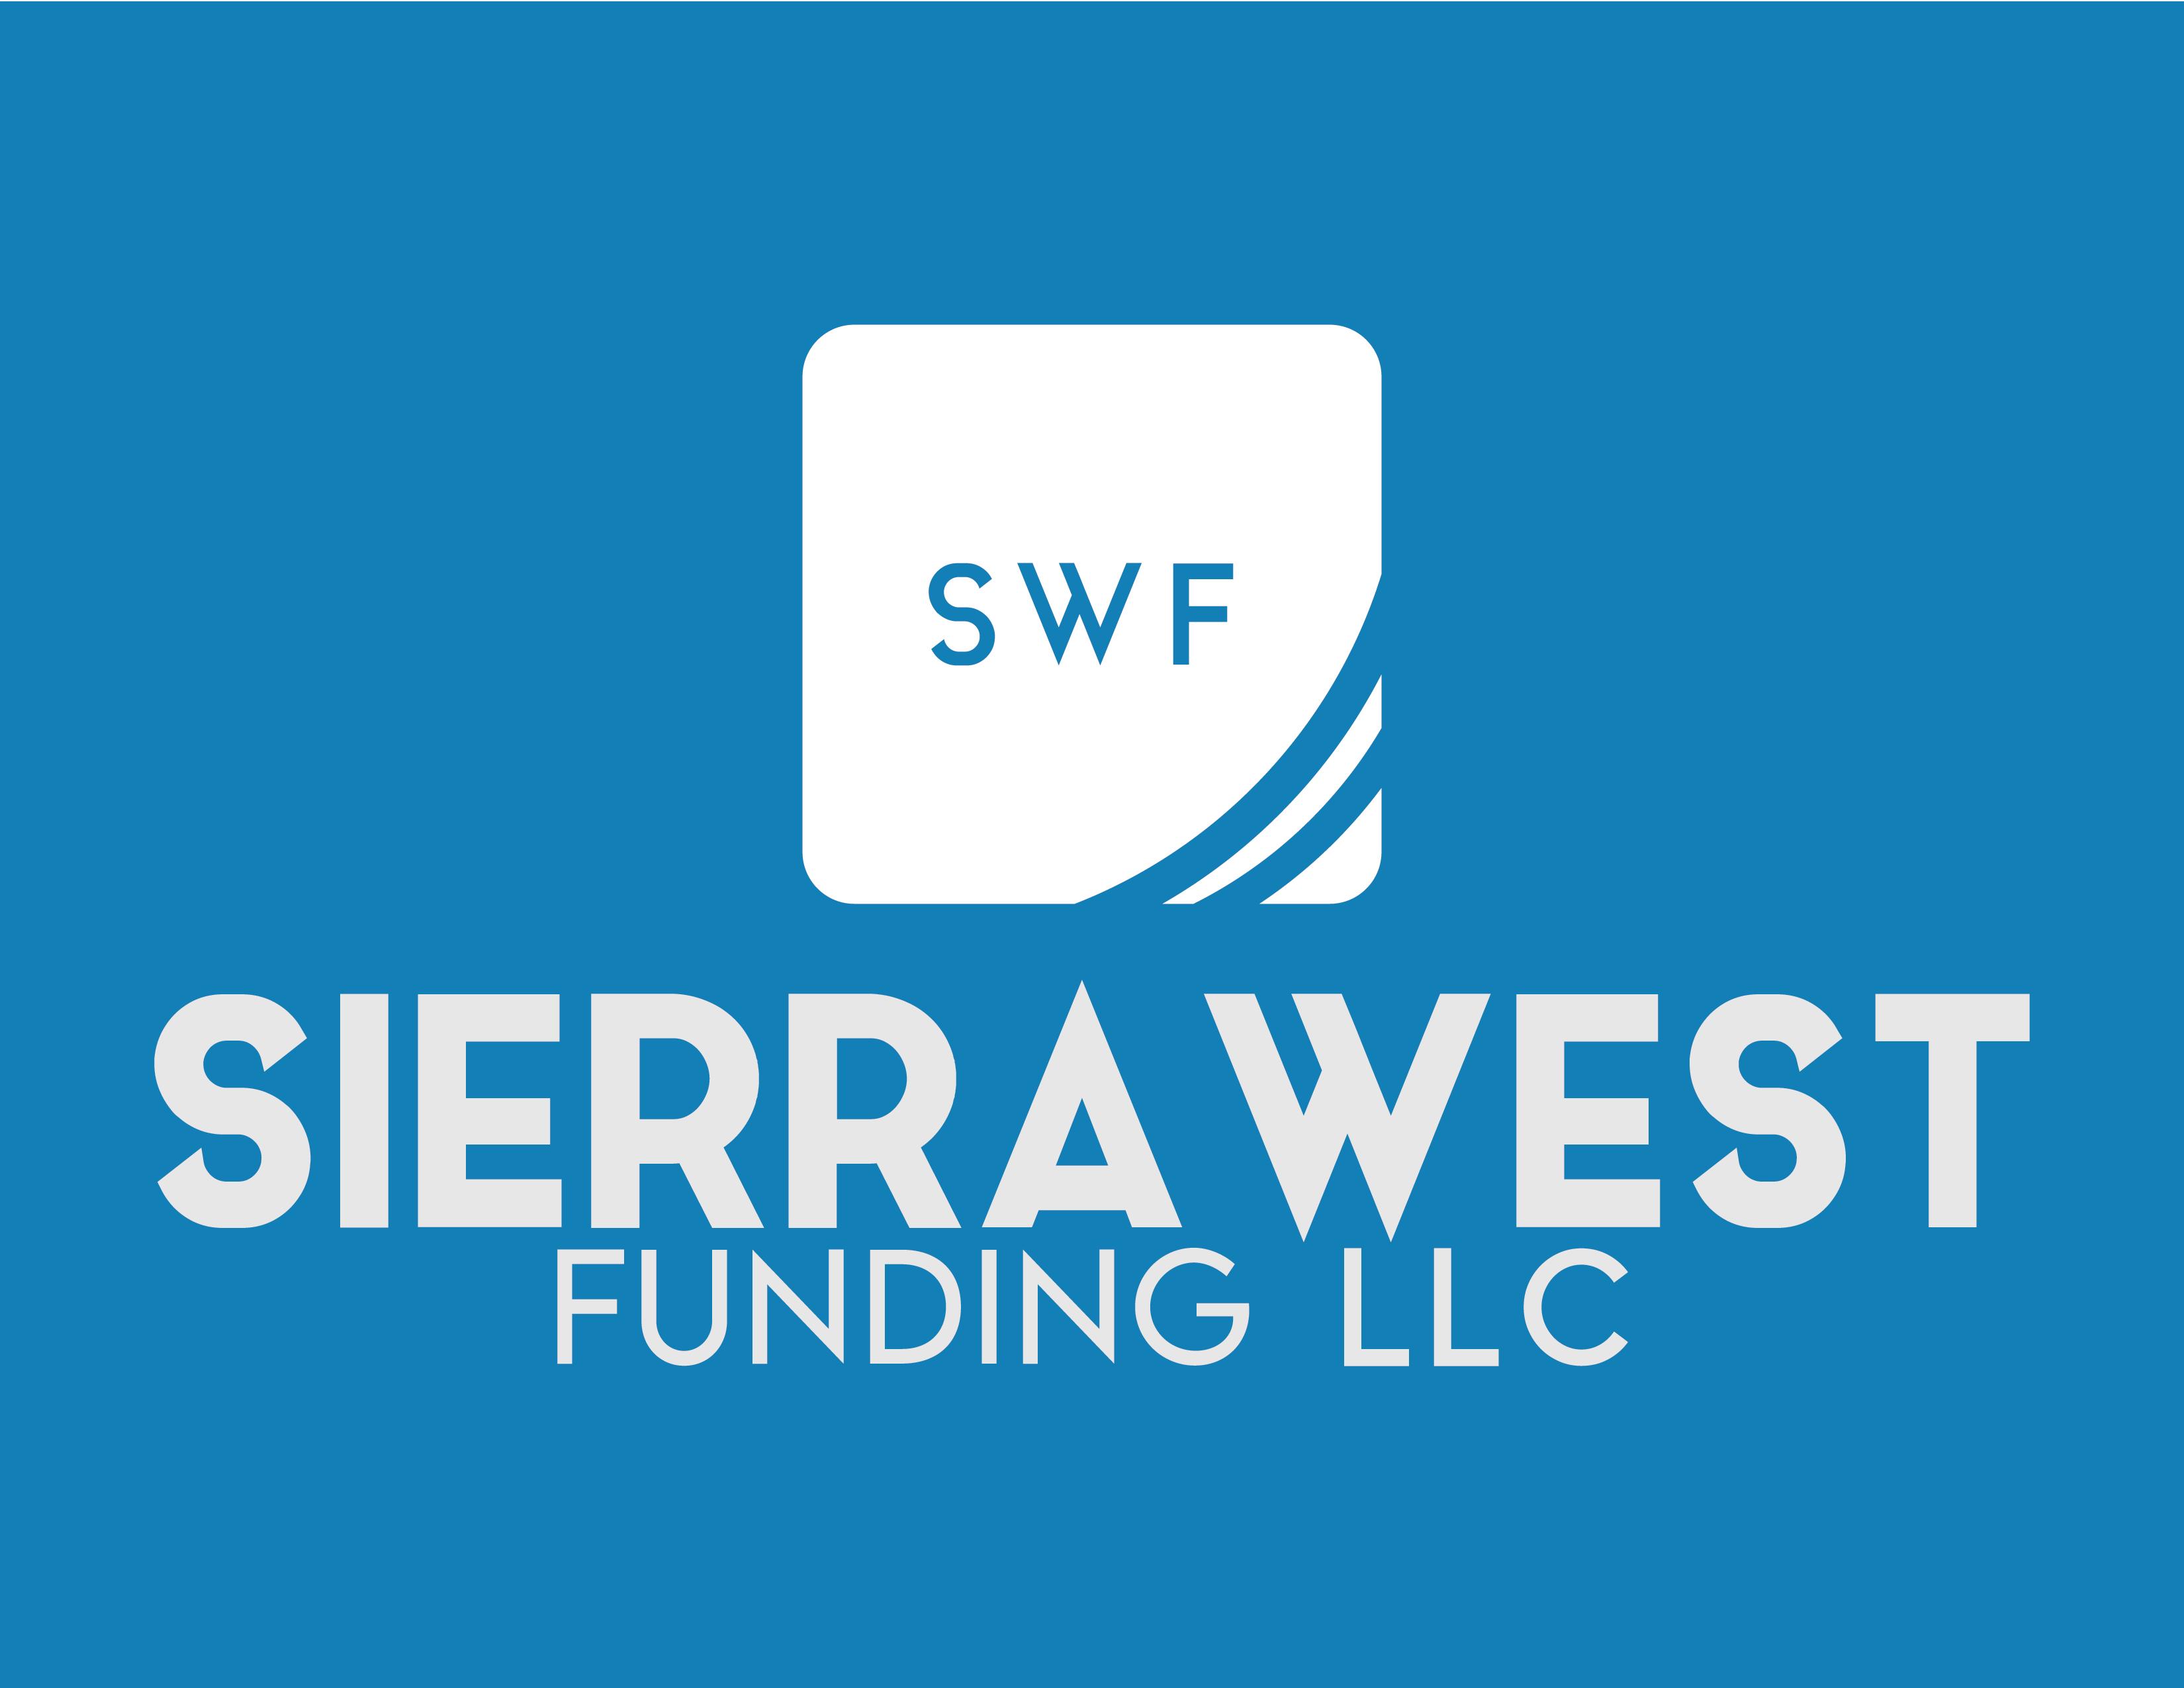 Sierra-West Funding